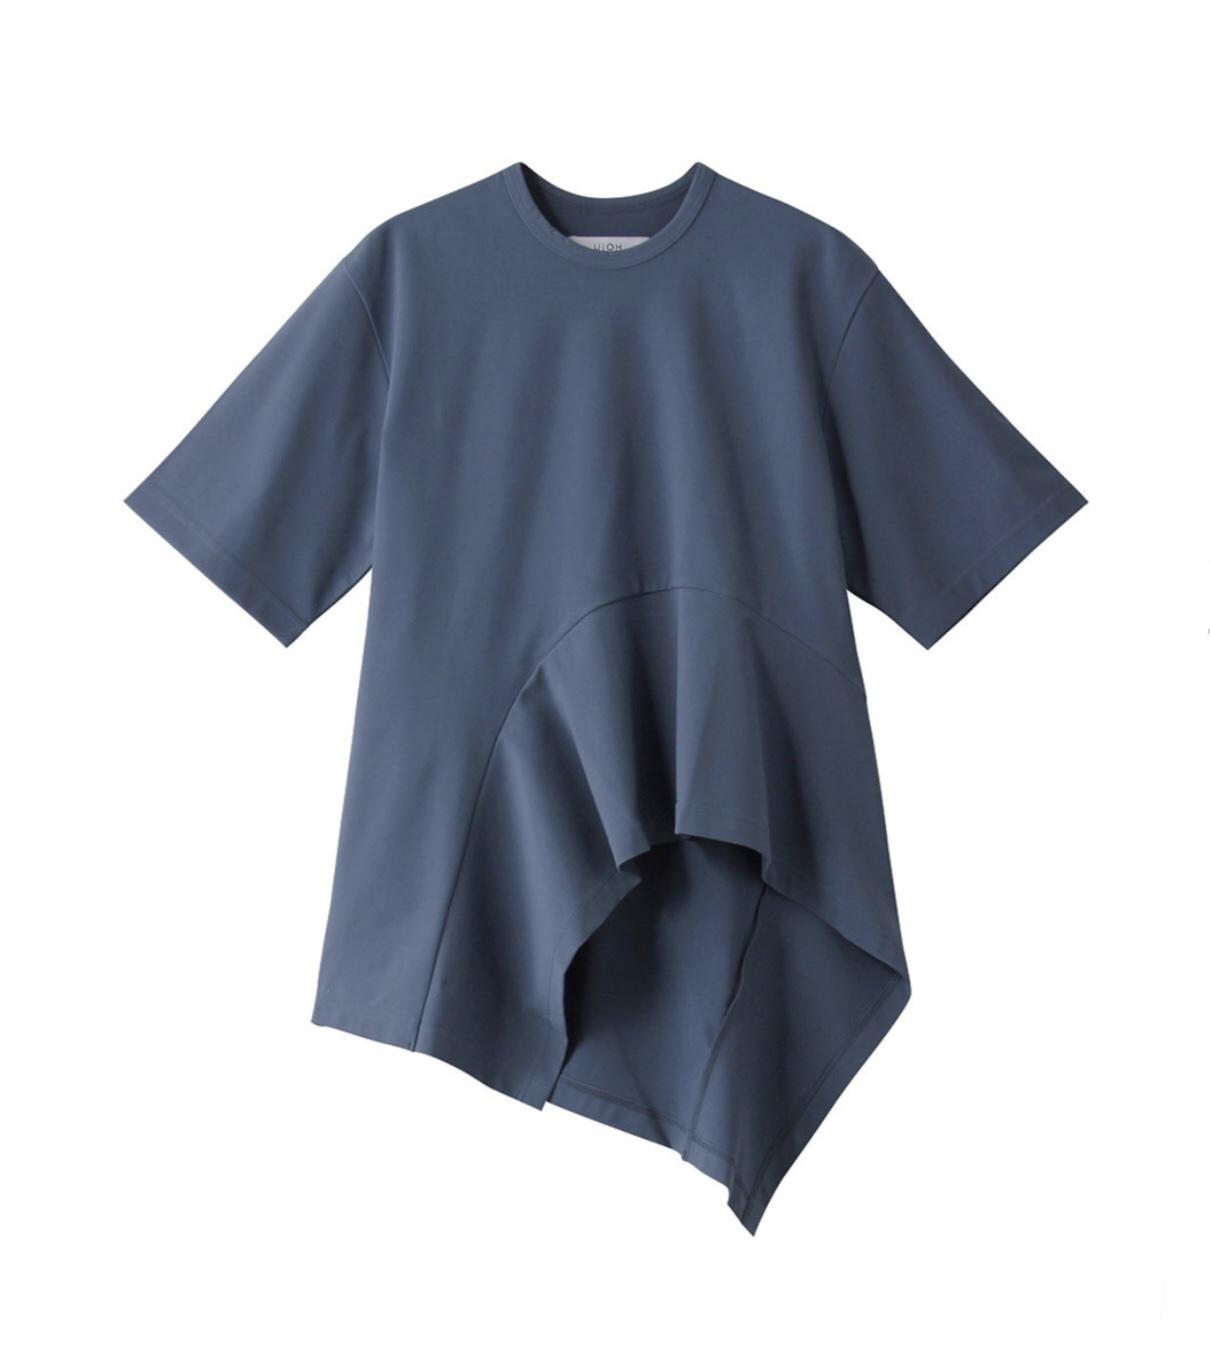 【UJOH】《21SS》フレックスジャージーフレアトリミングTシャツ U781T04009